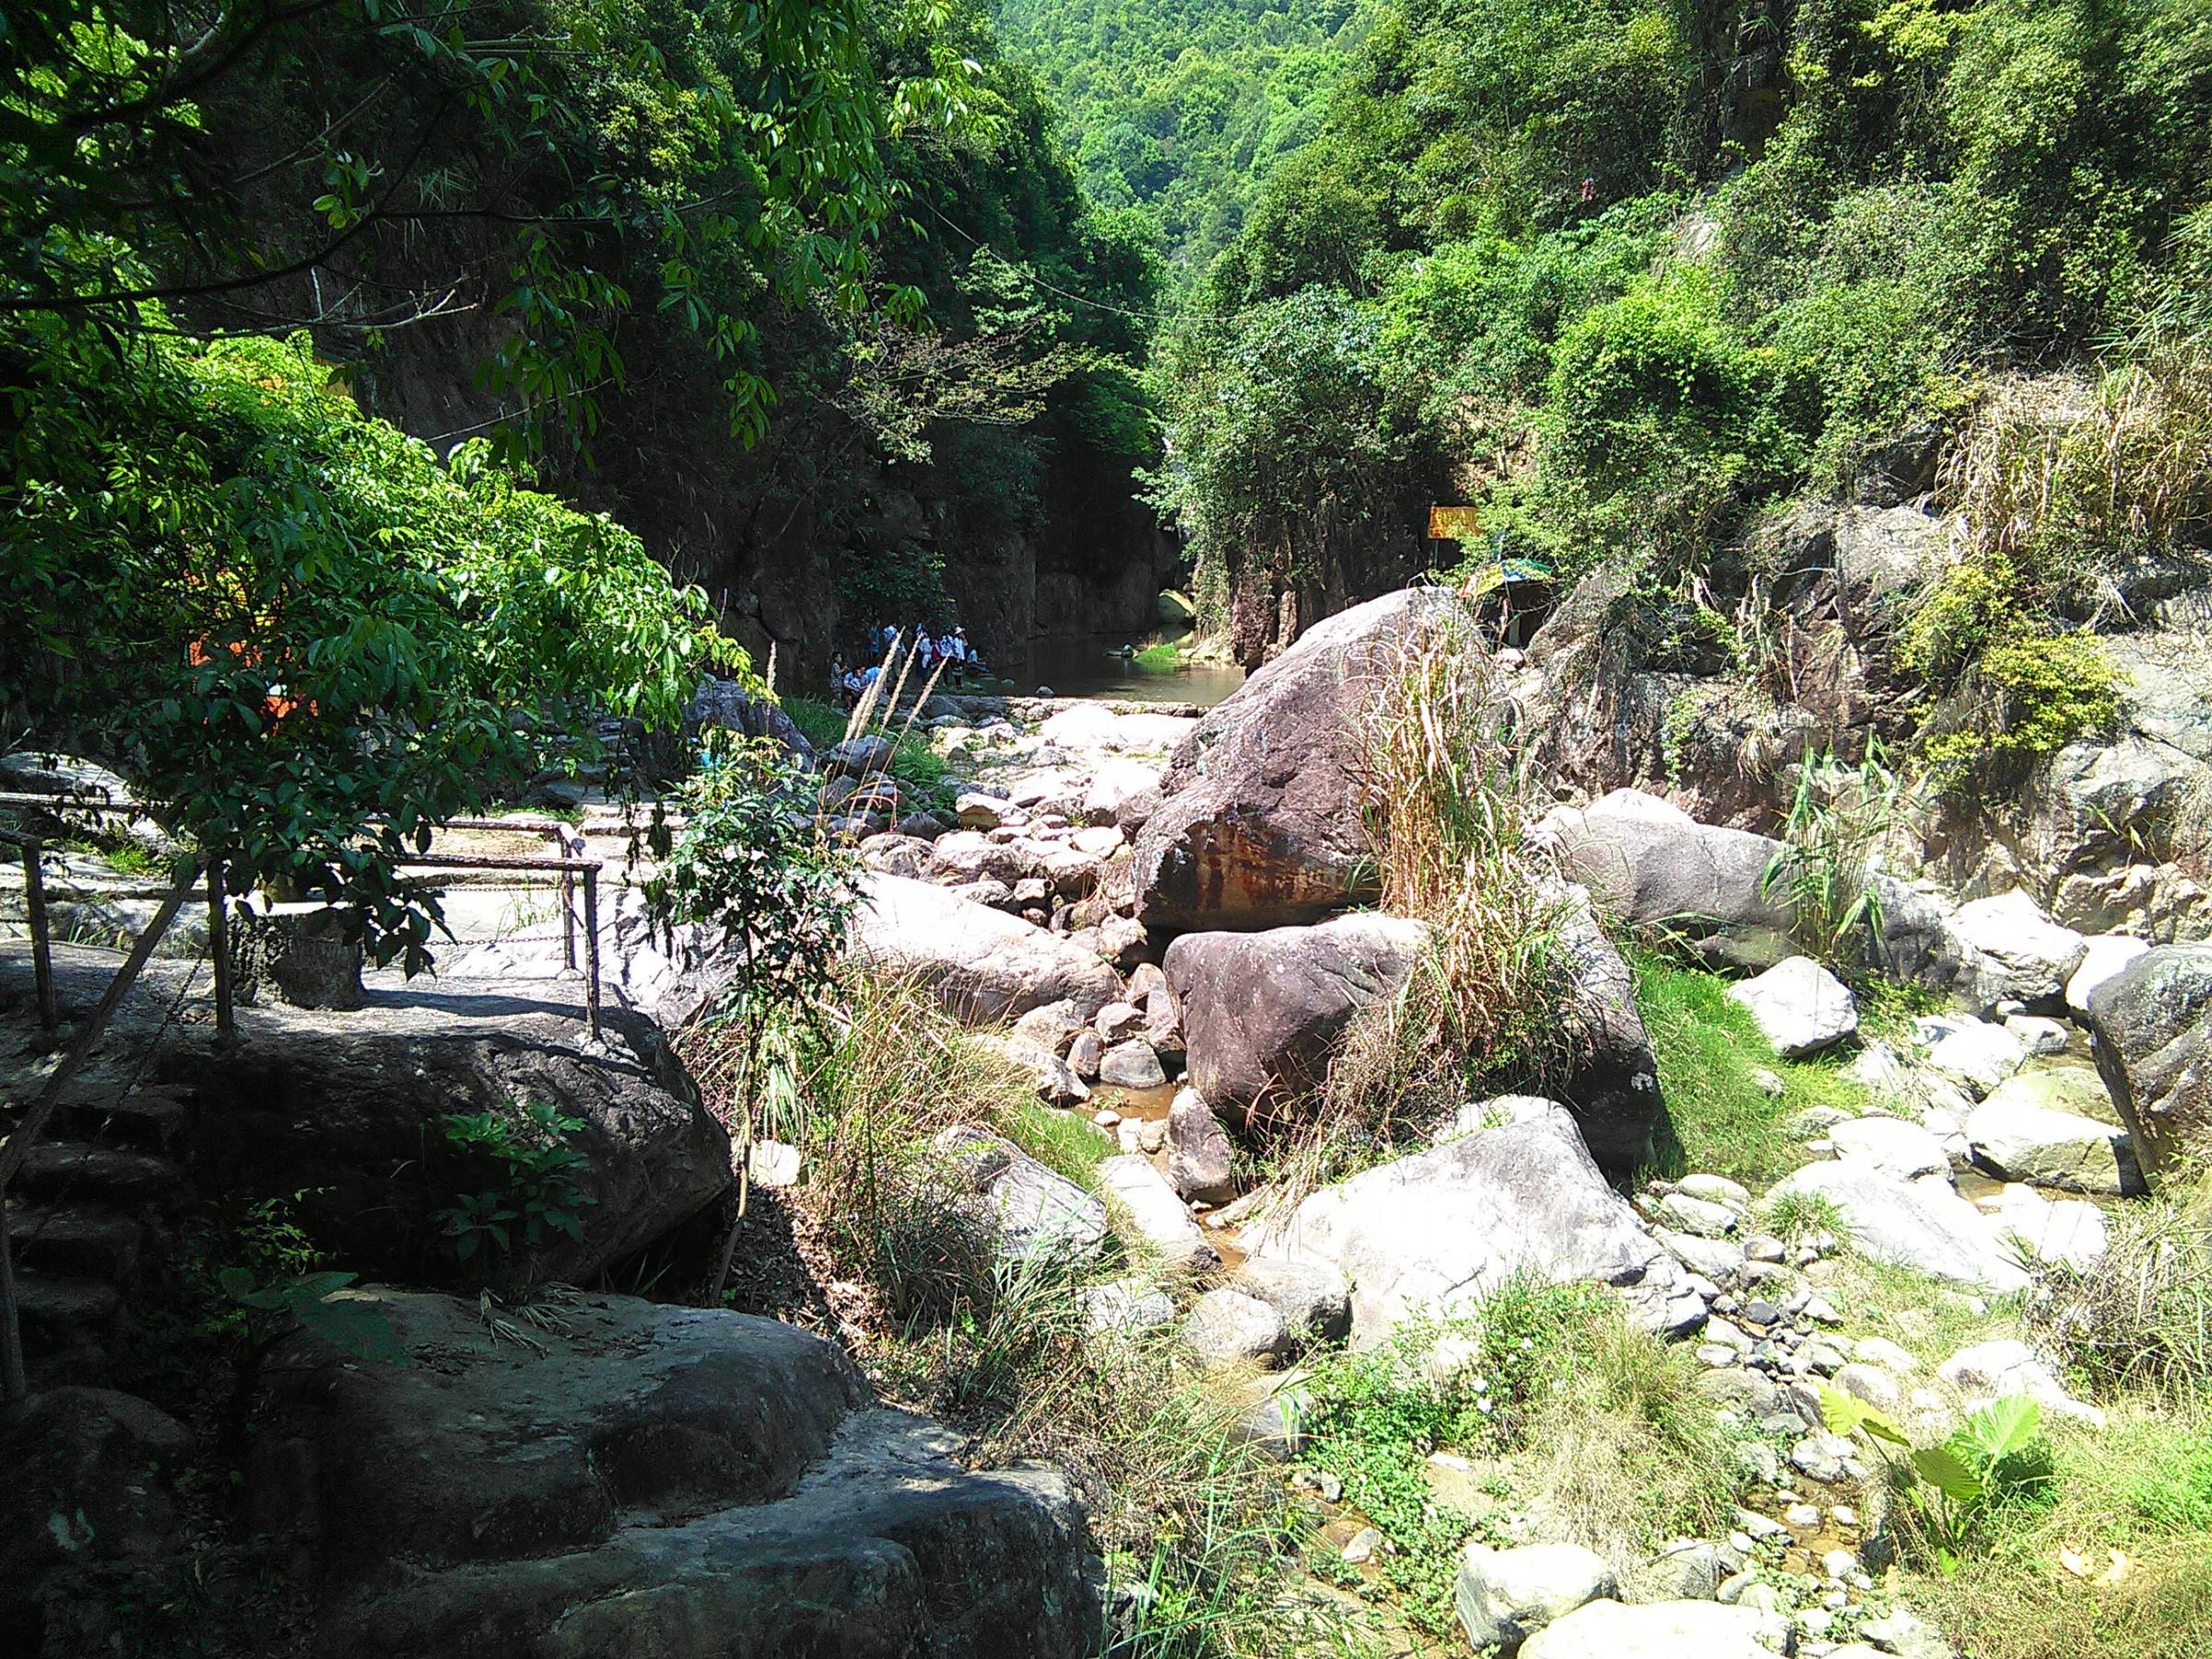 瀑布顶端 热带雨林 雨林喷雾 犹如仙境的雨林 侏罗纪恐龙岛 食草龙